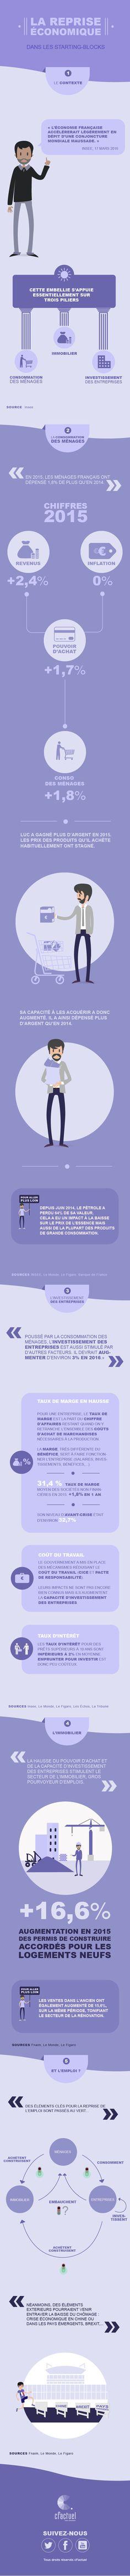 LA REPRISE ÉCONOMIQUE - Une infographie cFactuel - Croissance, investissement, consommation,... Les indicateurs positifs se succèdent et laissent présager une reprise de l'économie française. Mais l'un d'entre eux manque encore à l'appel : l'emploi. En savoir plus sur http://www.cfactuel.fr/sujets/comprendre-comment-la-reprise-economique-peut-creer-des-emplois-en-france.html#6zlB7FsCLwWIbKUF.99